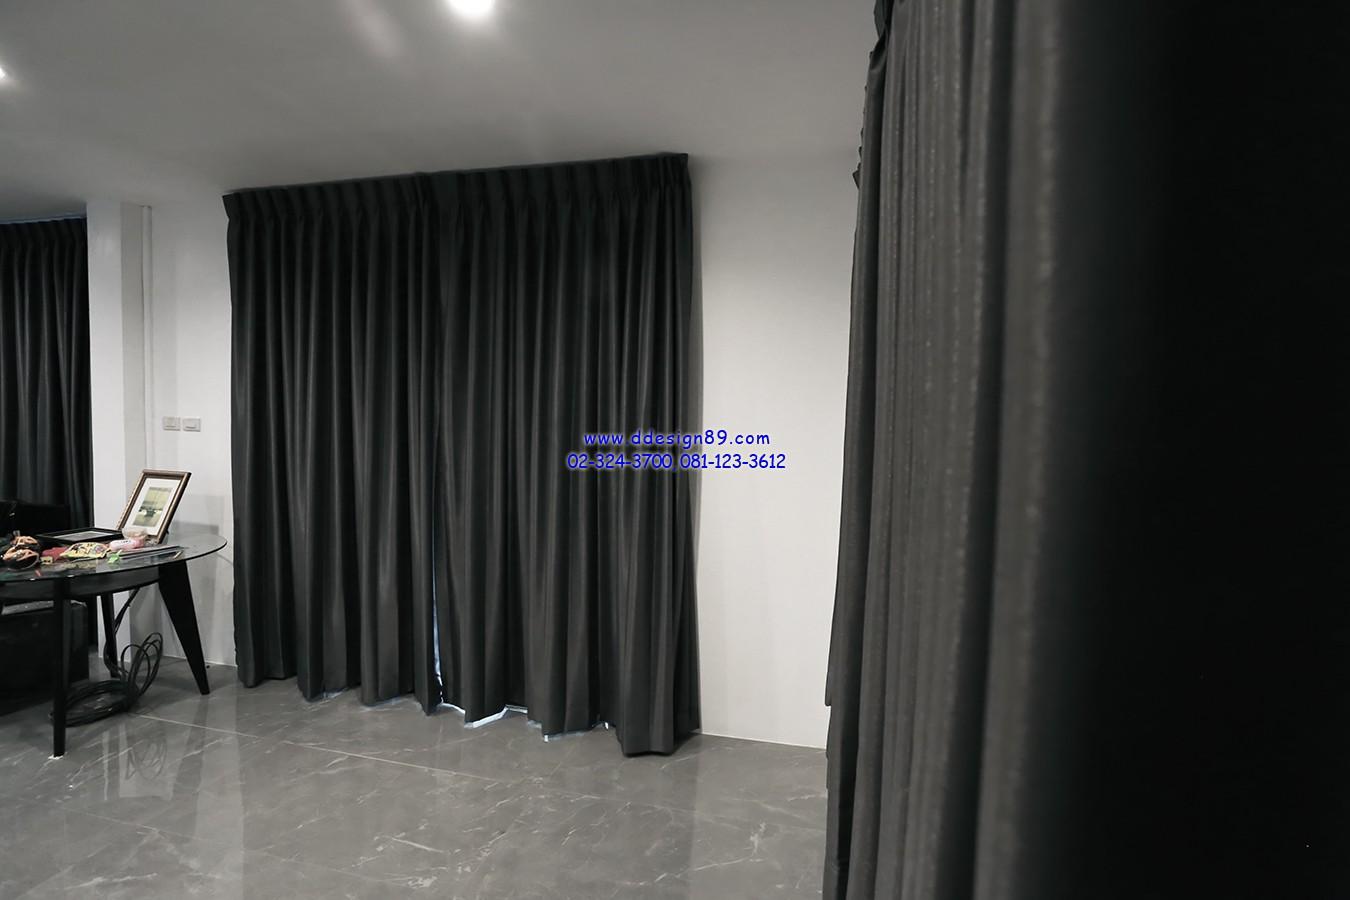 ผ้าม่านติดห้องนั่งเล่น ผ้าม่านกันแสงแดด ติดม่านเก็บเสียง ผ้าม่านกันยูวี ม่านติดห้องรับแขก แต่งห้องนั่งเล่น